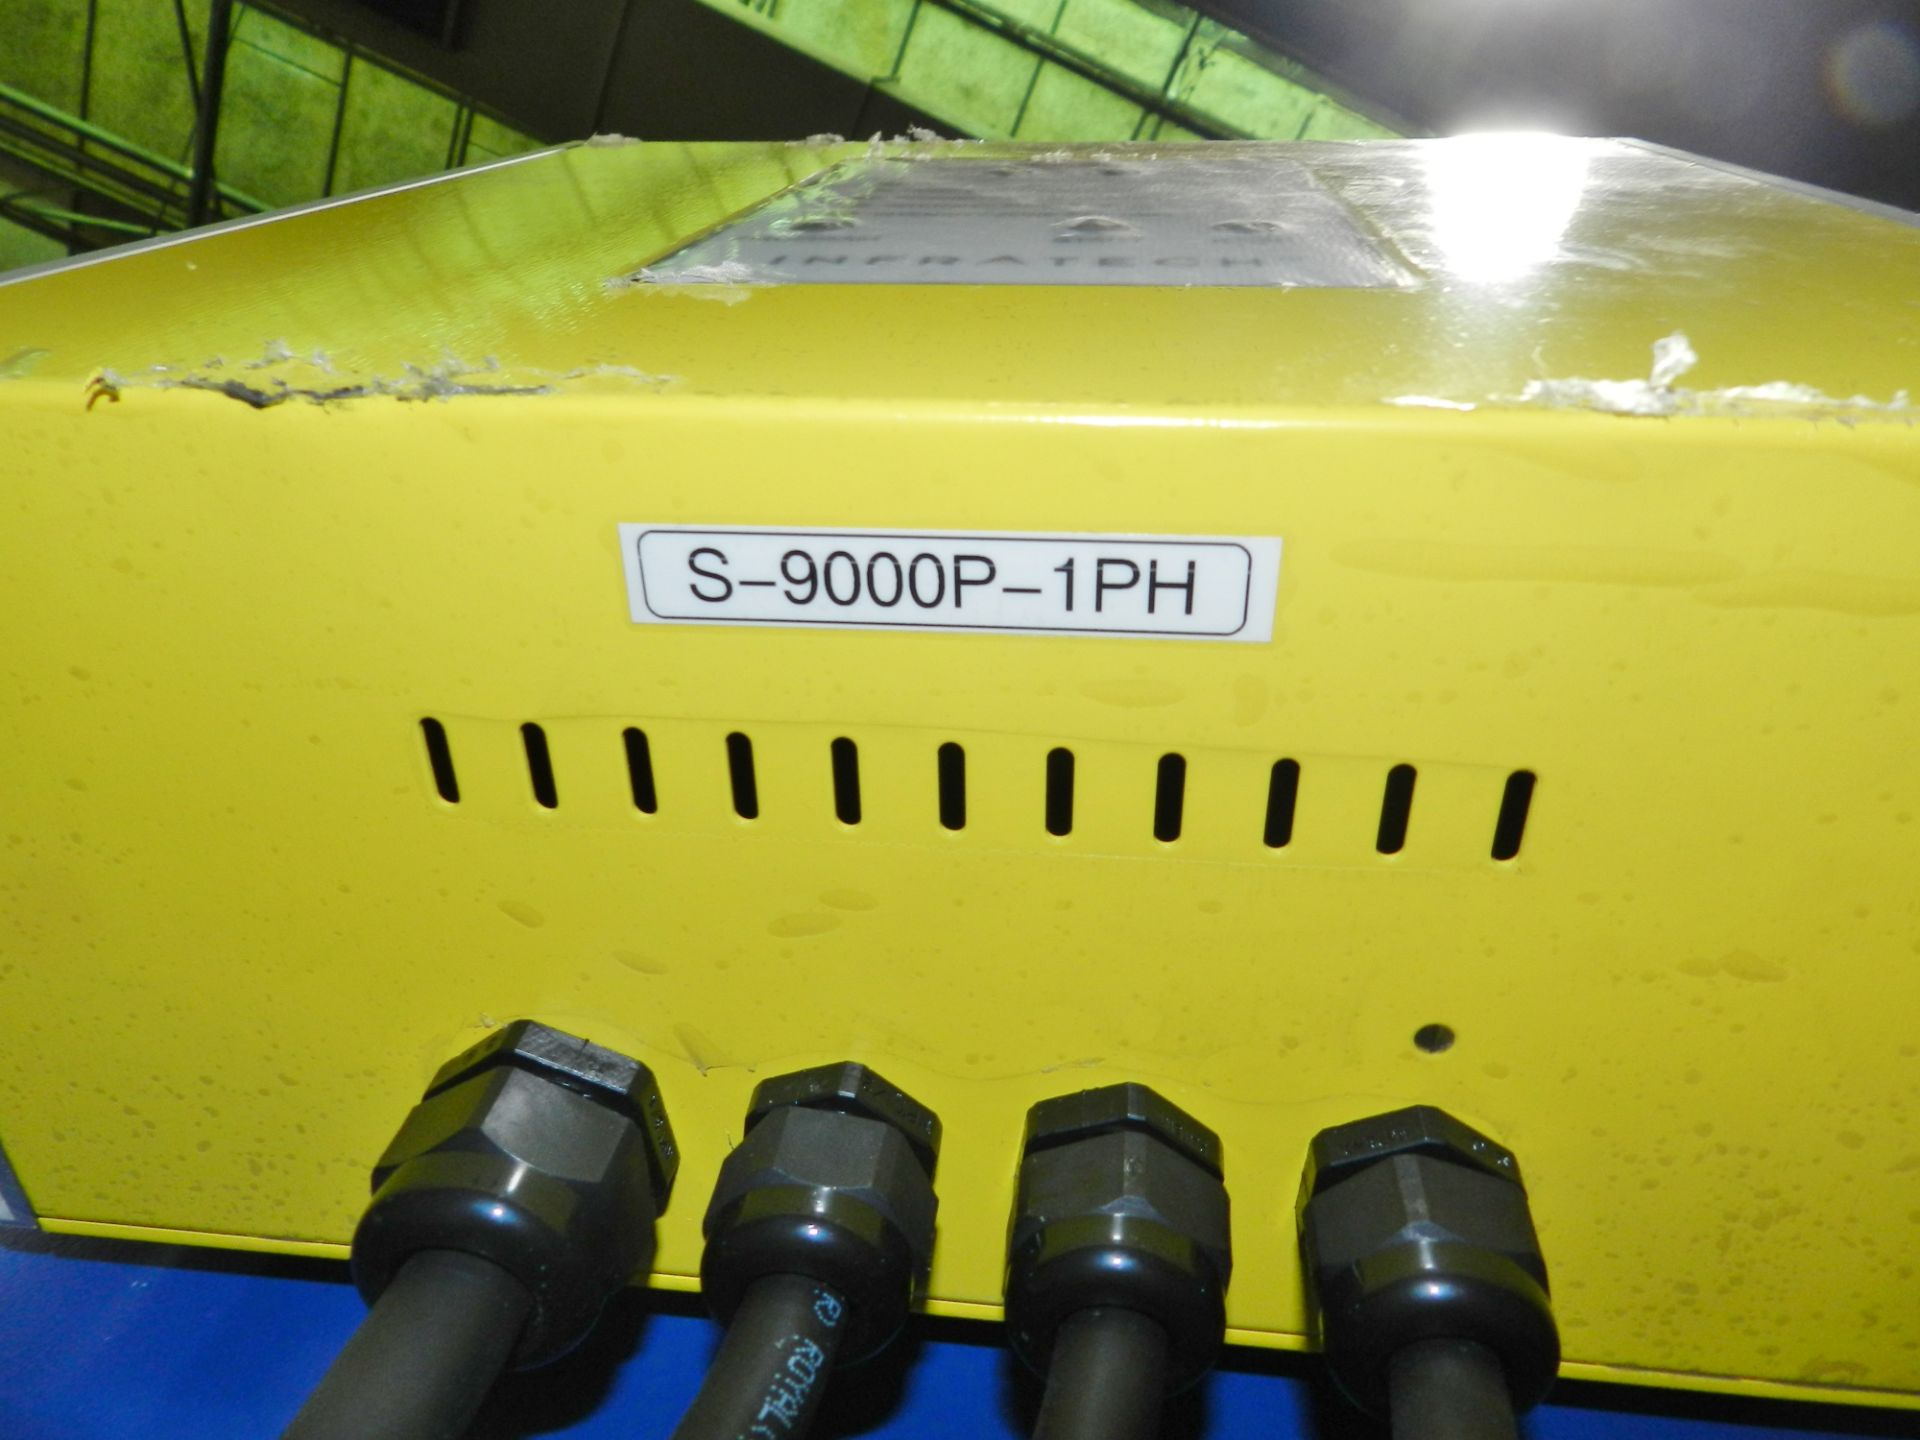 Lot 33 - Infratech 9,000 Watt Infared Curing Oven S-9000-P